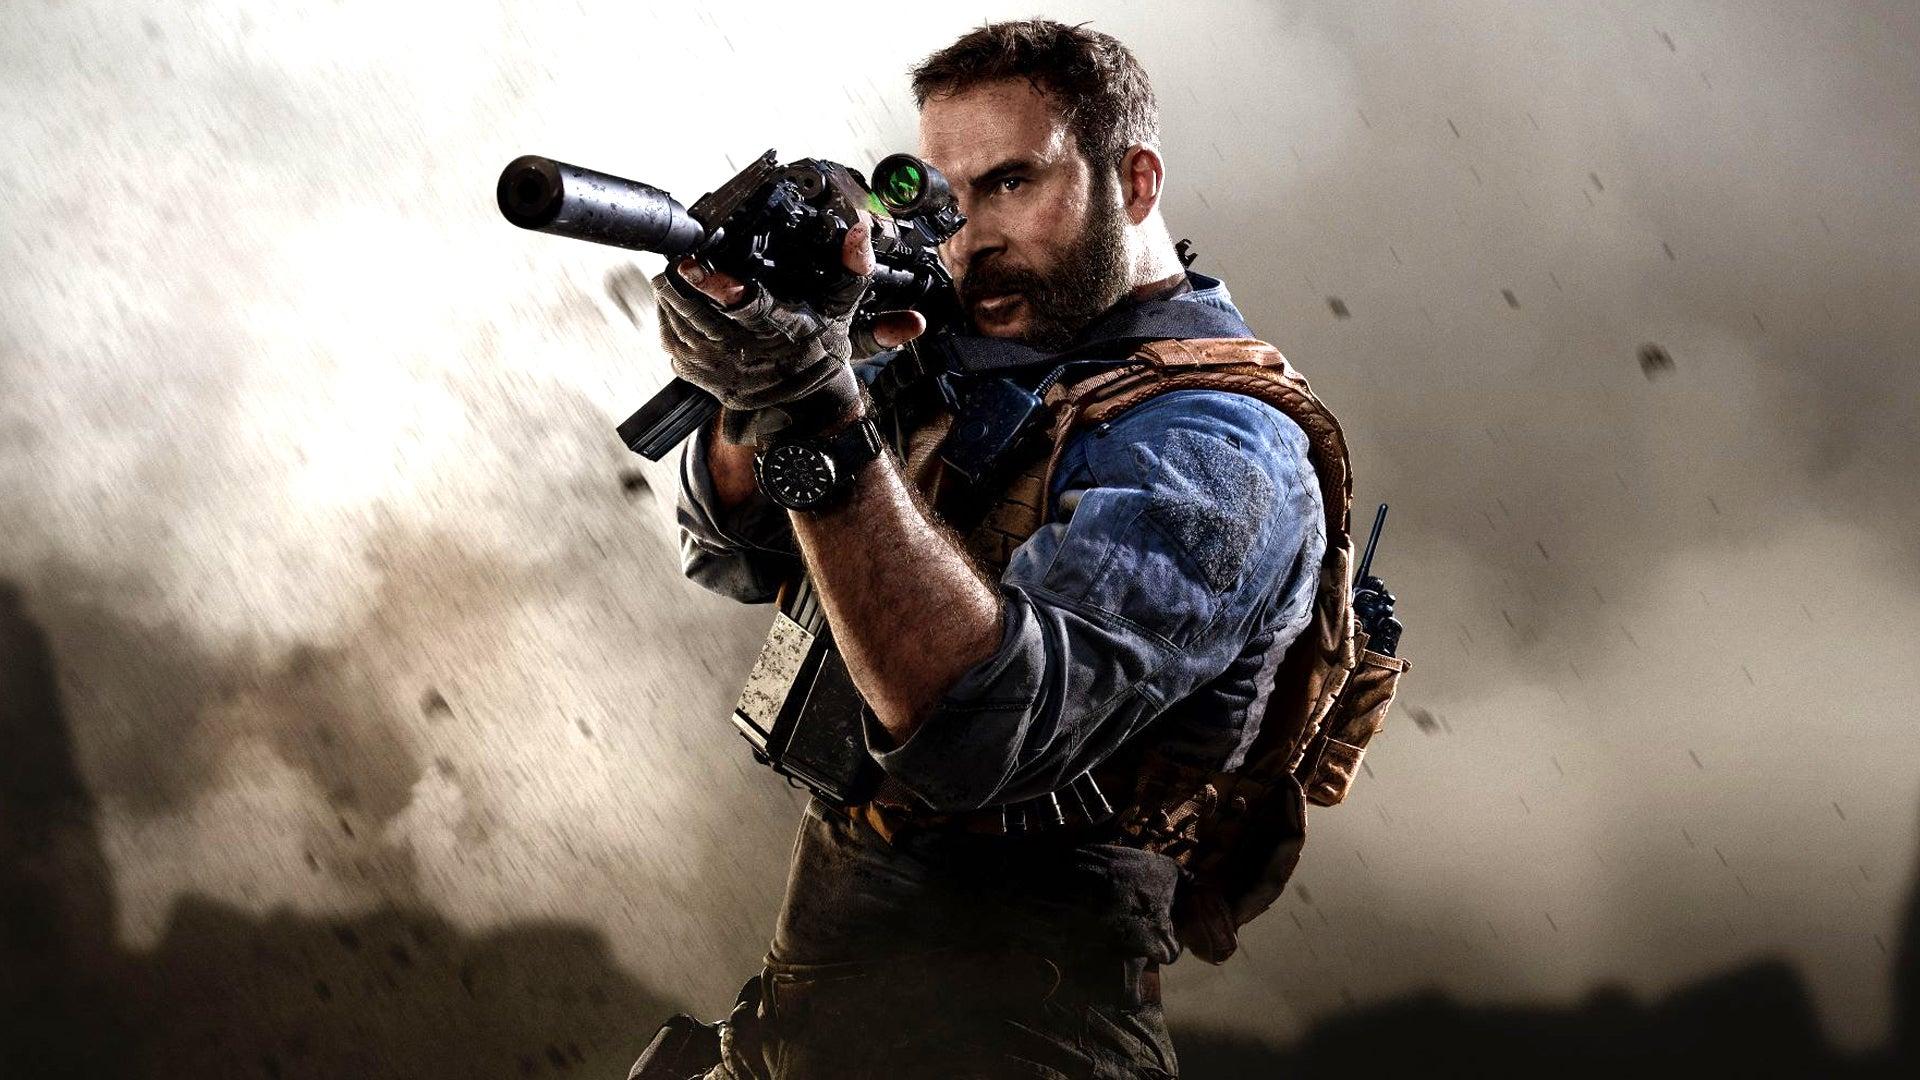 Modern Warfare is the Best Call of Duty